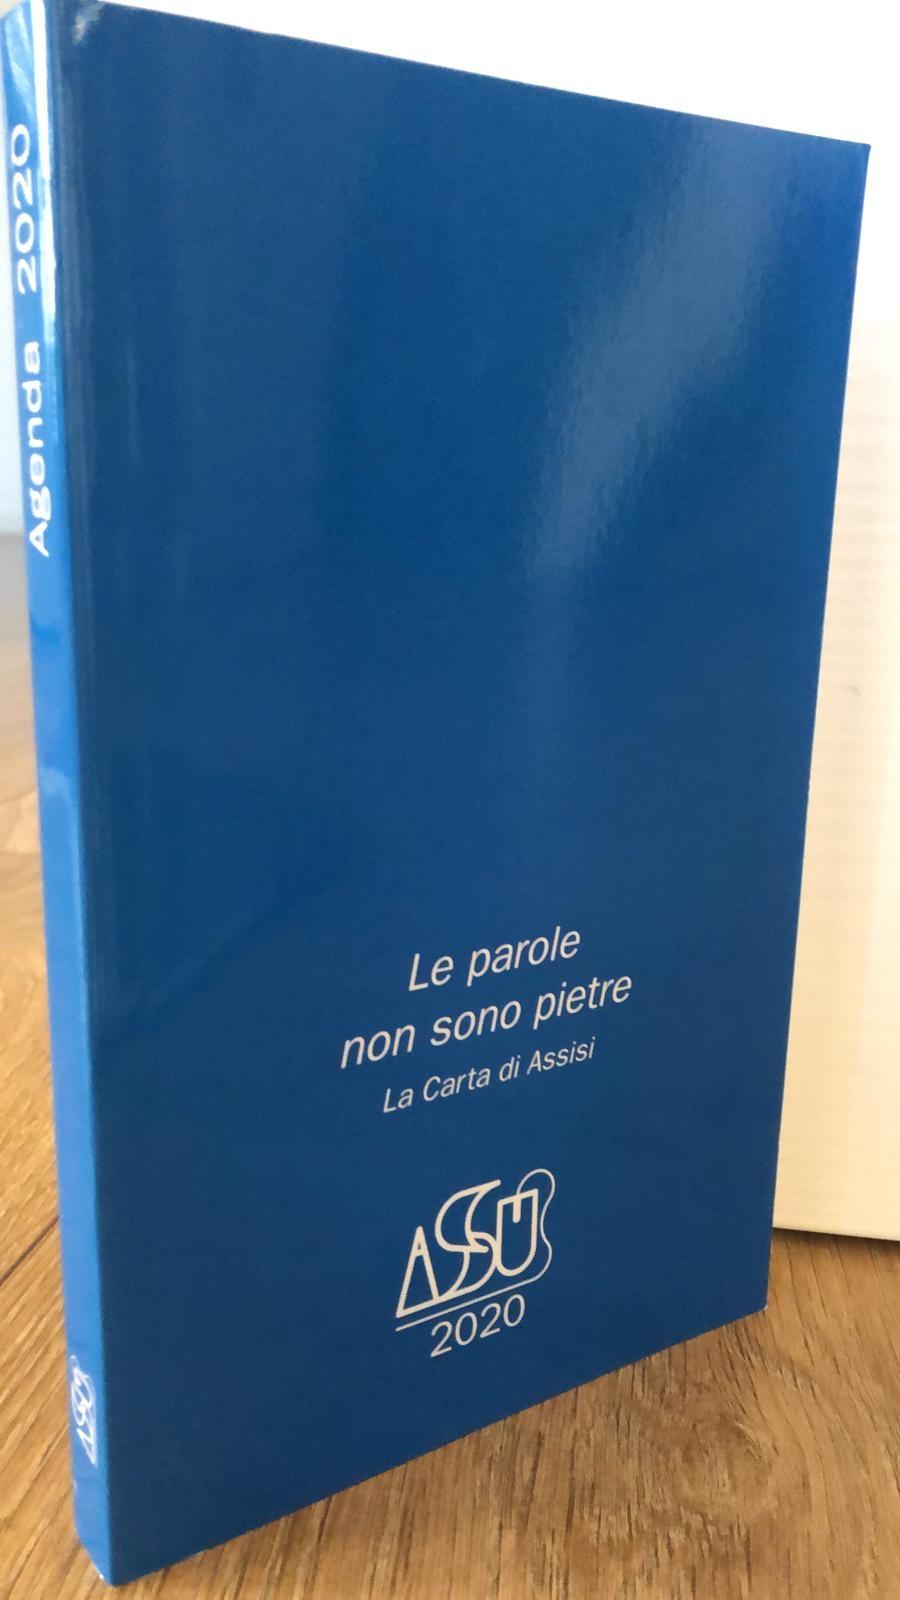 Associazione Stampa Umbra, l'agenda 2020 dedicata alla Carta di Assisi